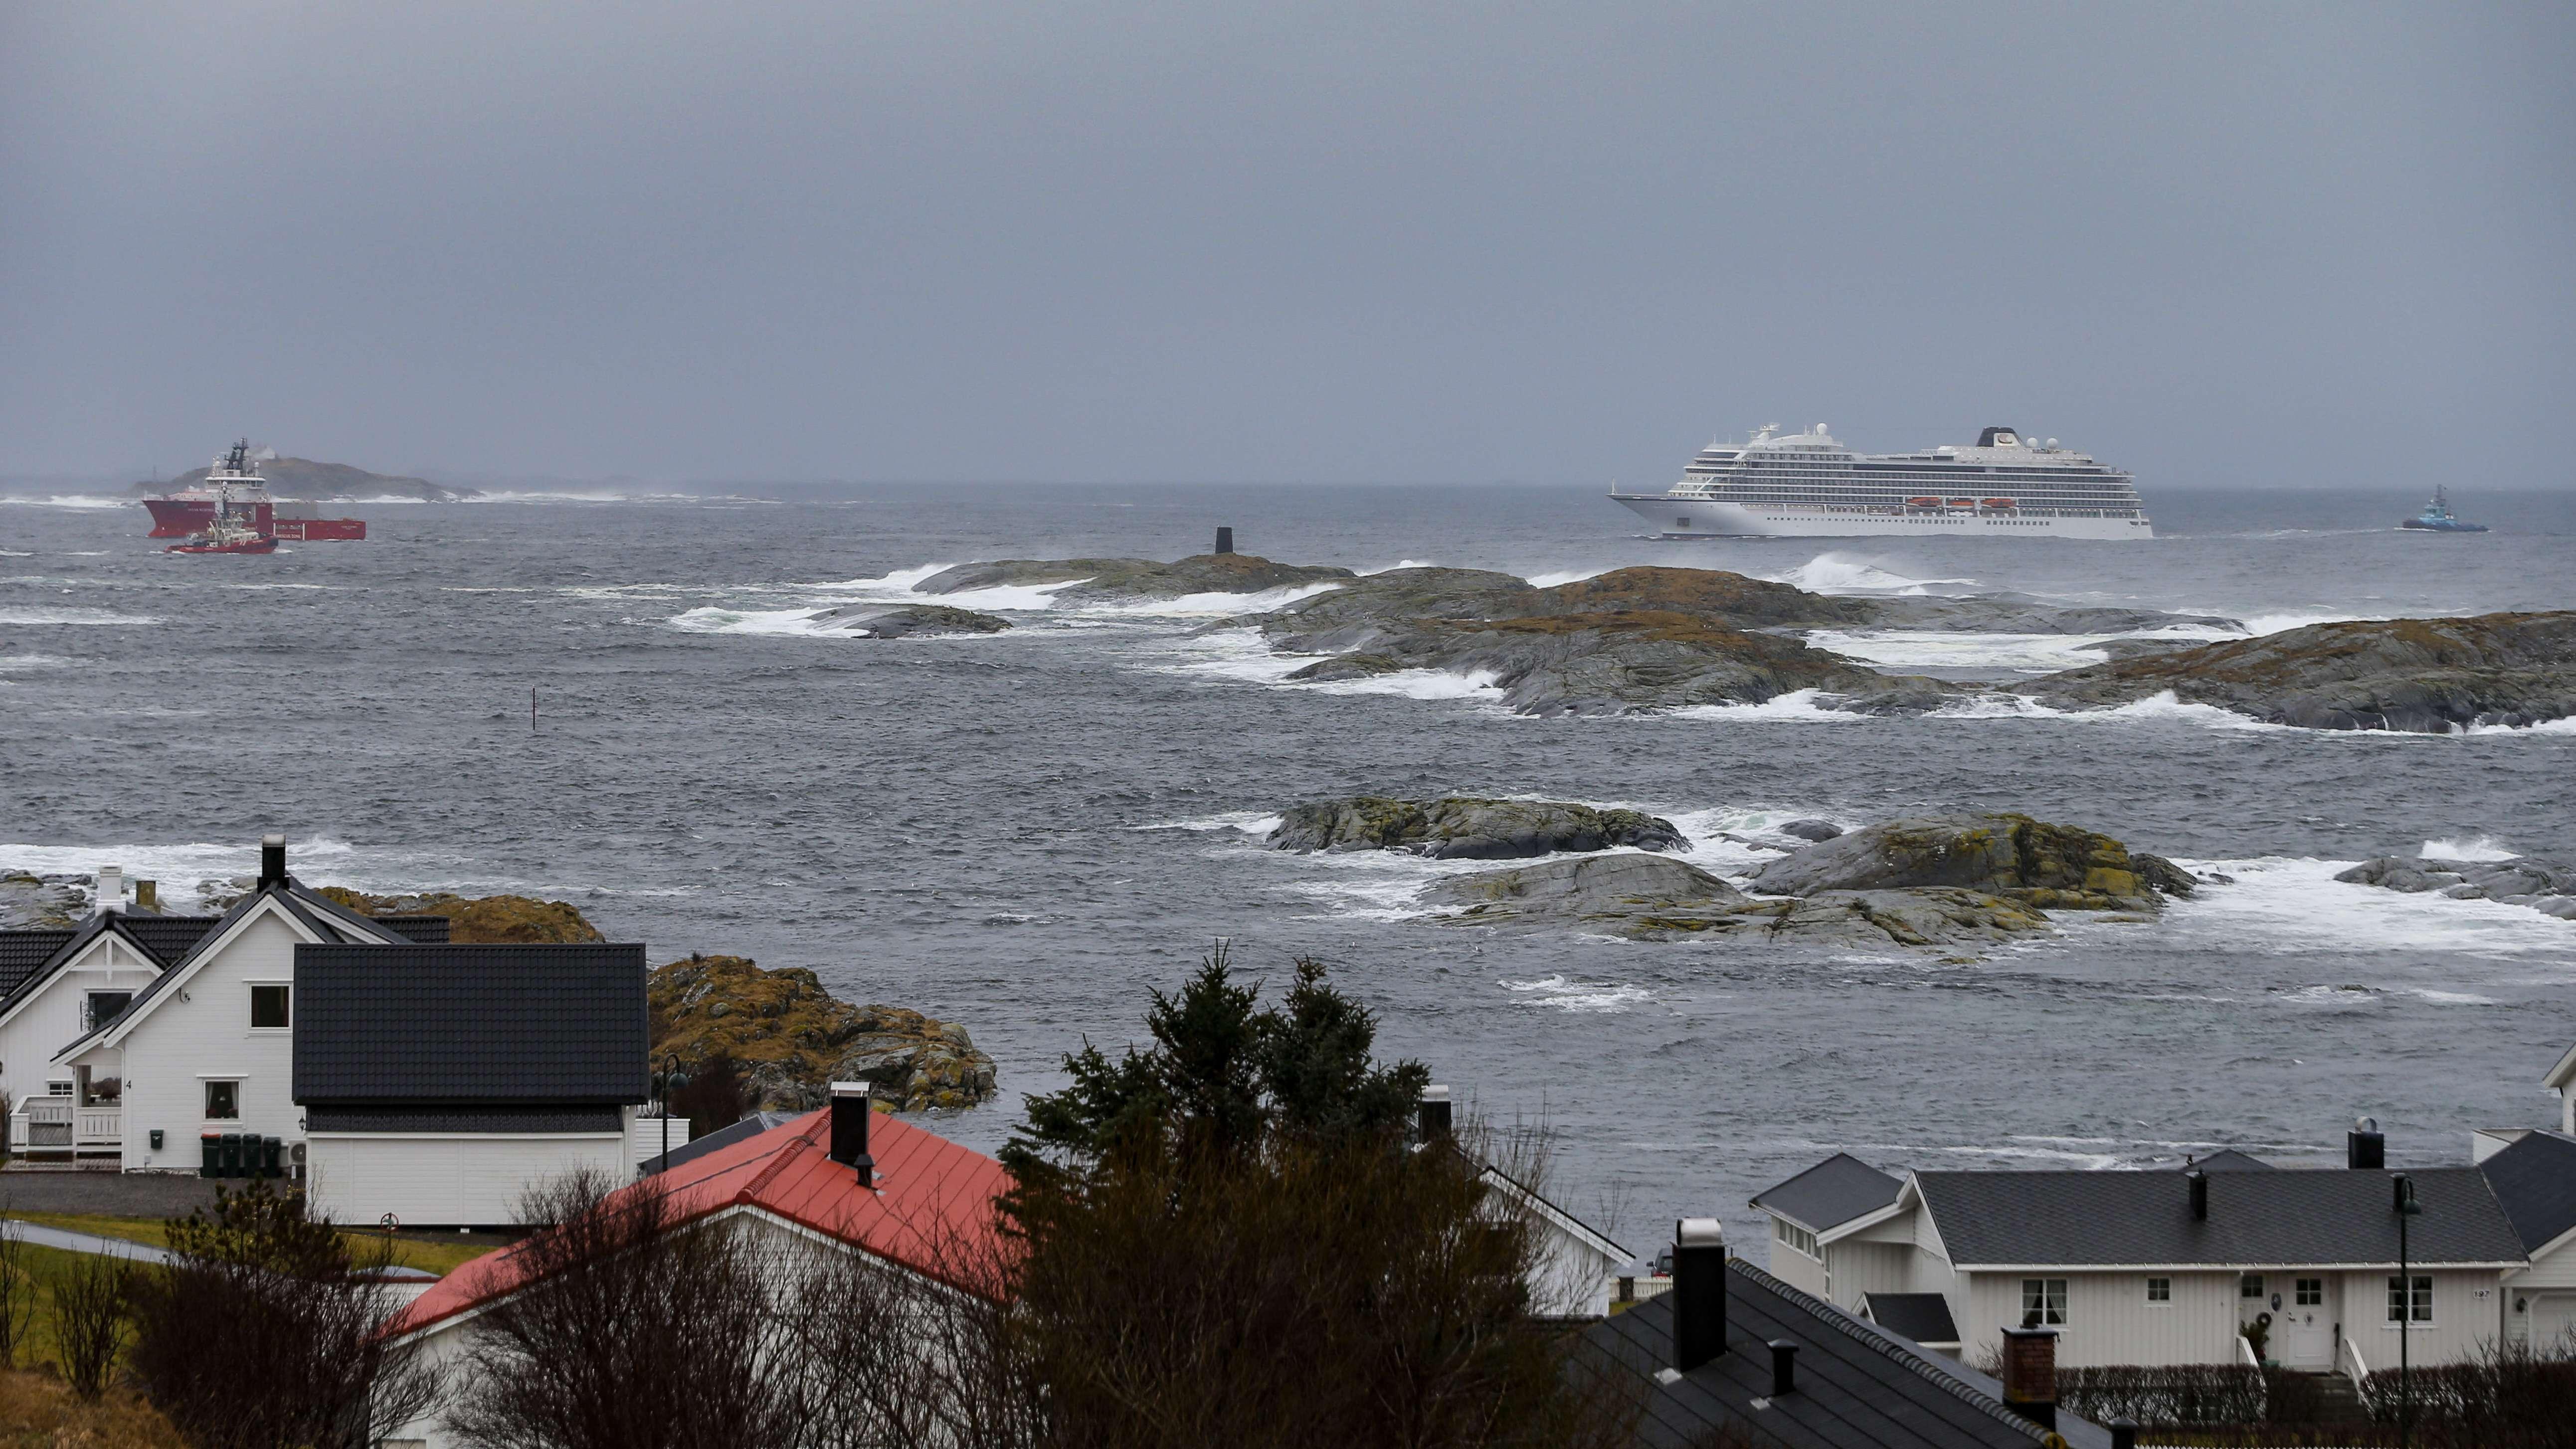 """Das Kreuzfahrtschiff """"Viking Sky"""" ist mittlerweile auf dem Weg in den Hafen Molde"""